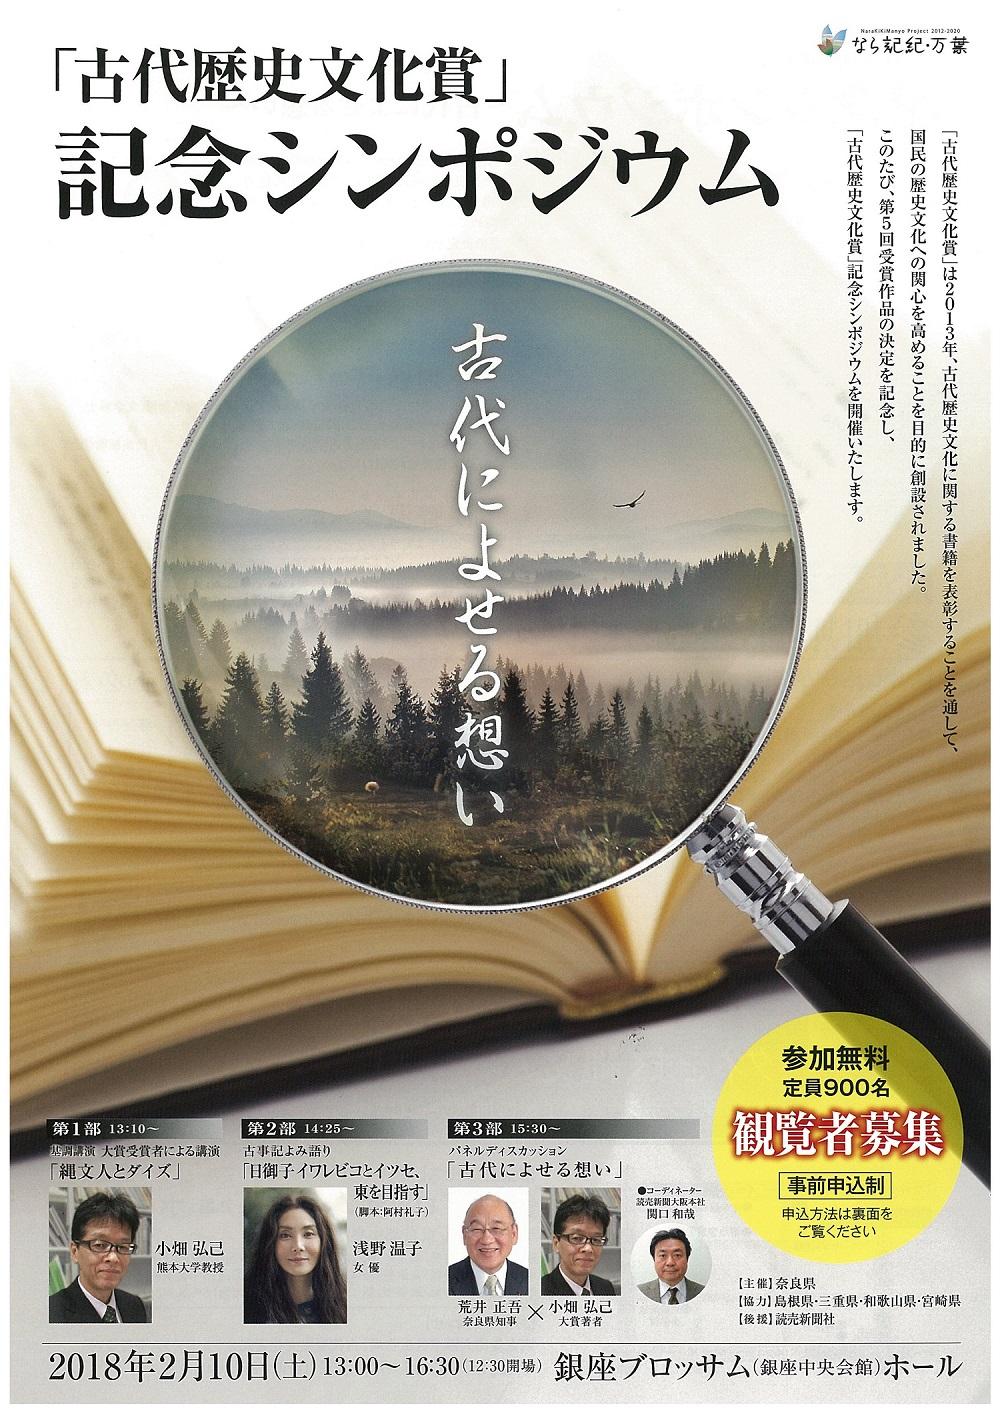 「古代歴史文化賞」記念シンポジウム